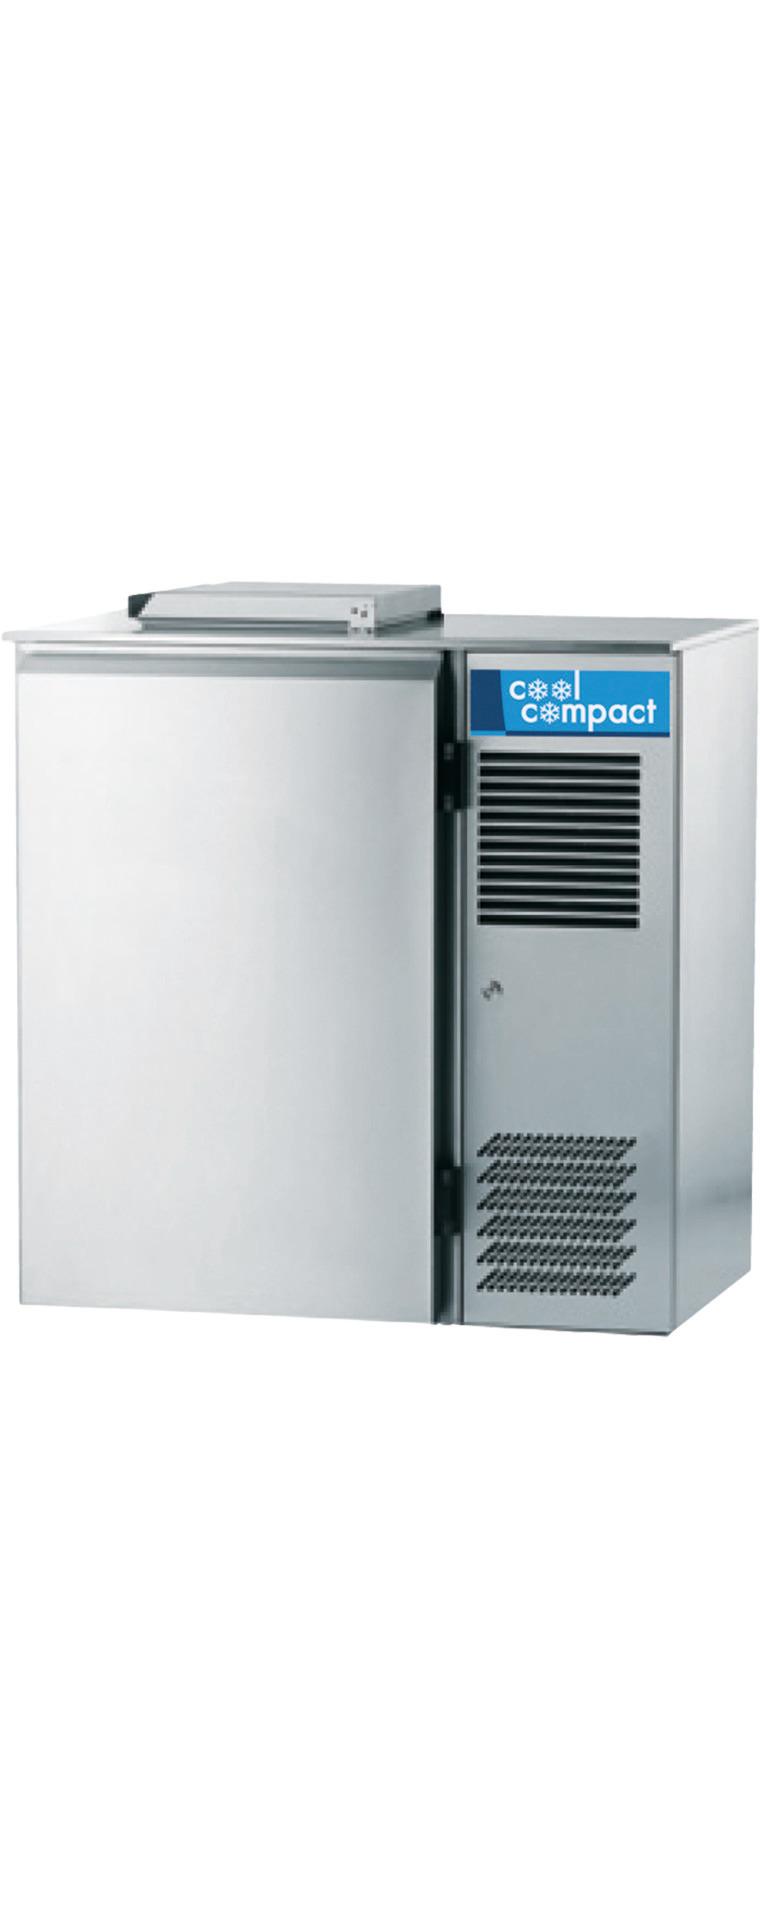 Abfallkühler für 1 x 120,00 l / 0,08 kW / zentralgekühlt